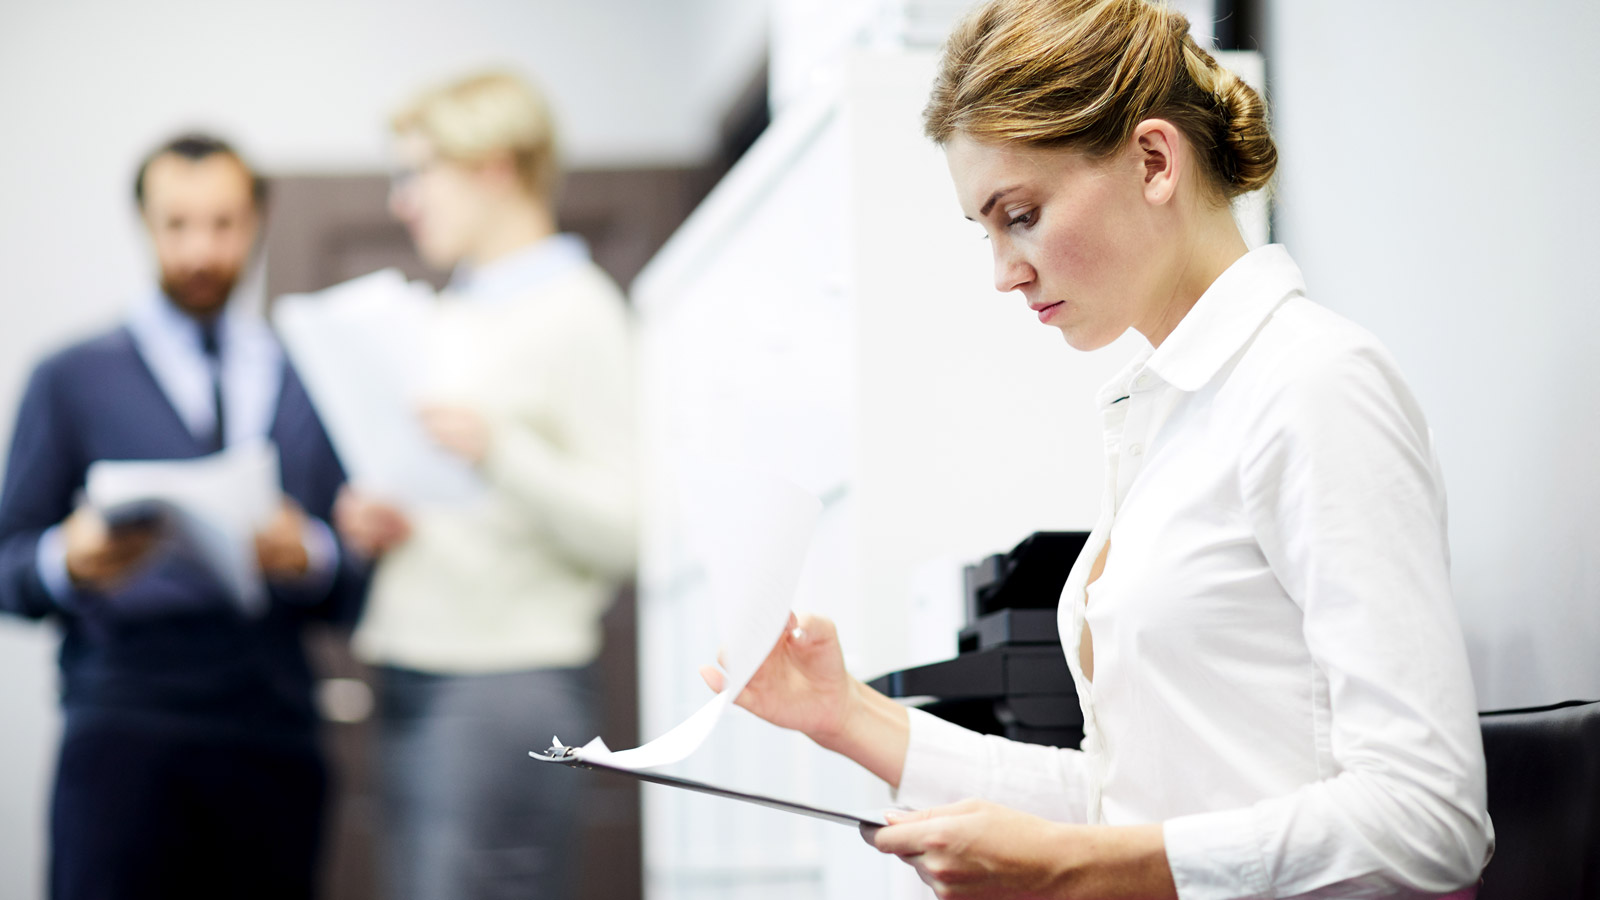 5 błędów, które mogą pojawić się w Twoim CV CV mediarun rozmowa o prace kobieta dokumenty 2019